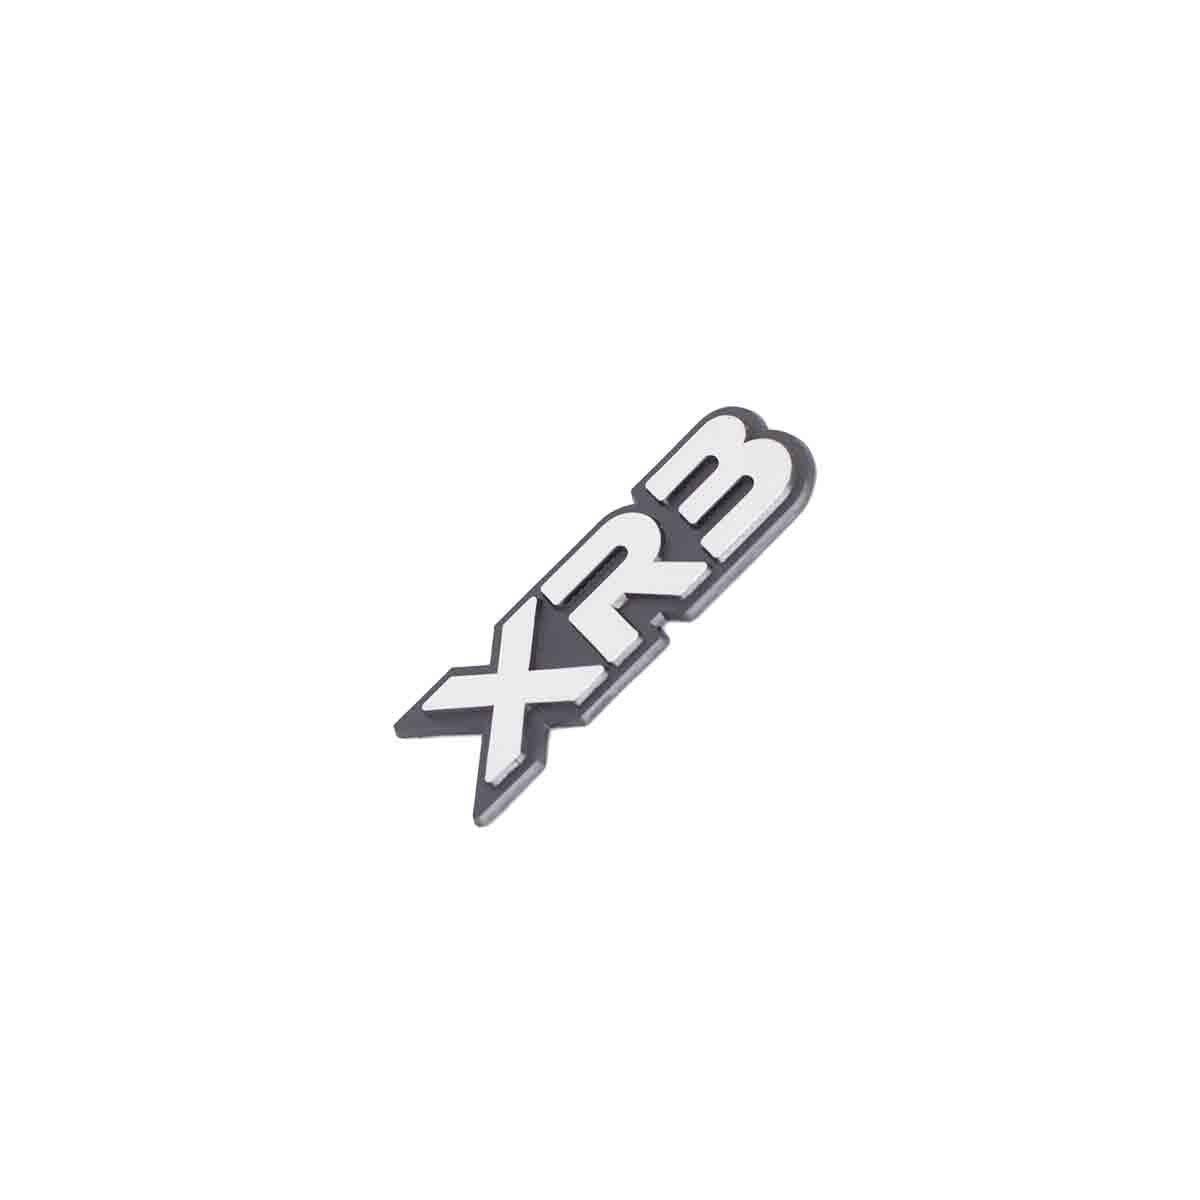 Emblema XR3 Brilhante (Escort)